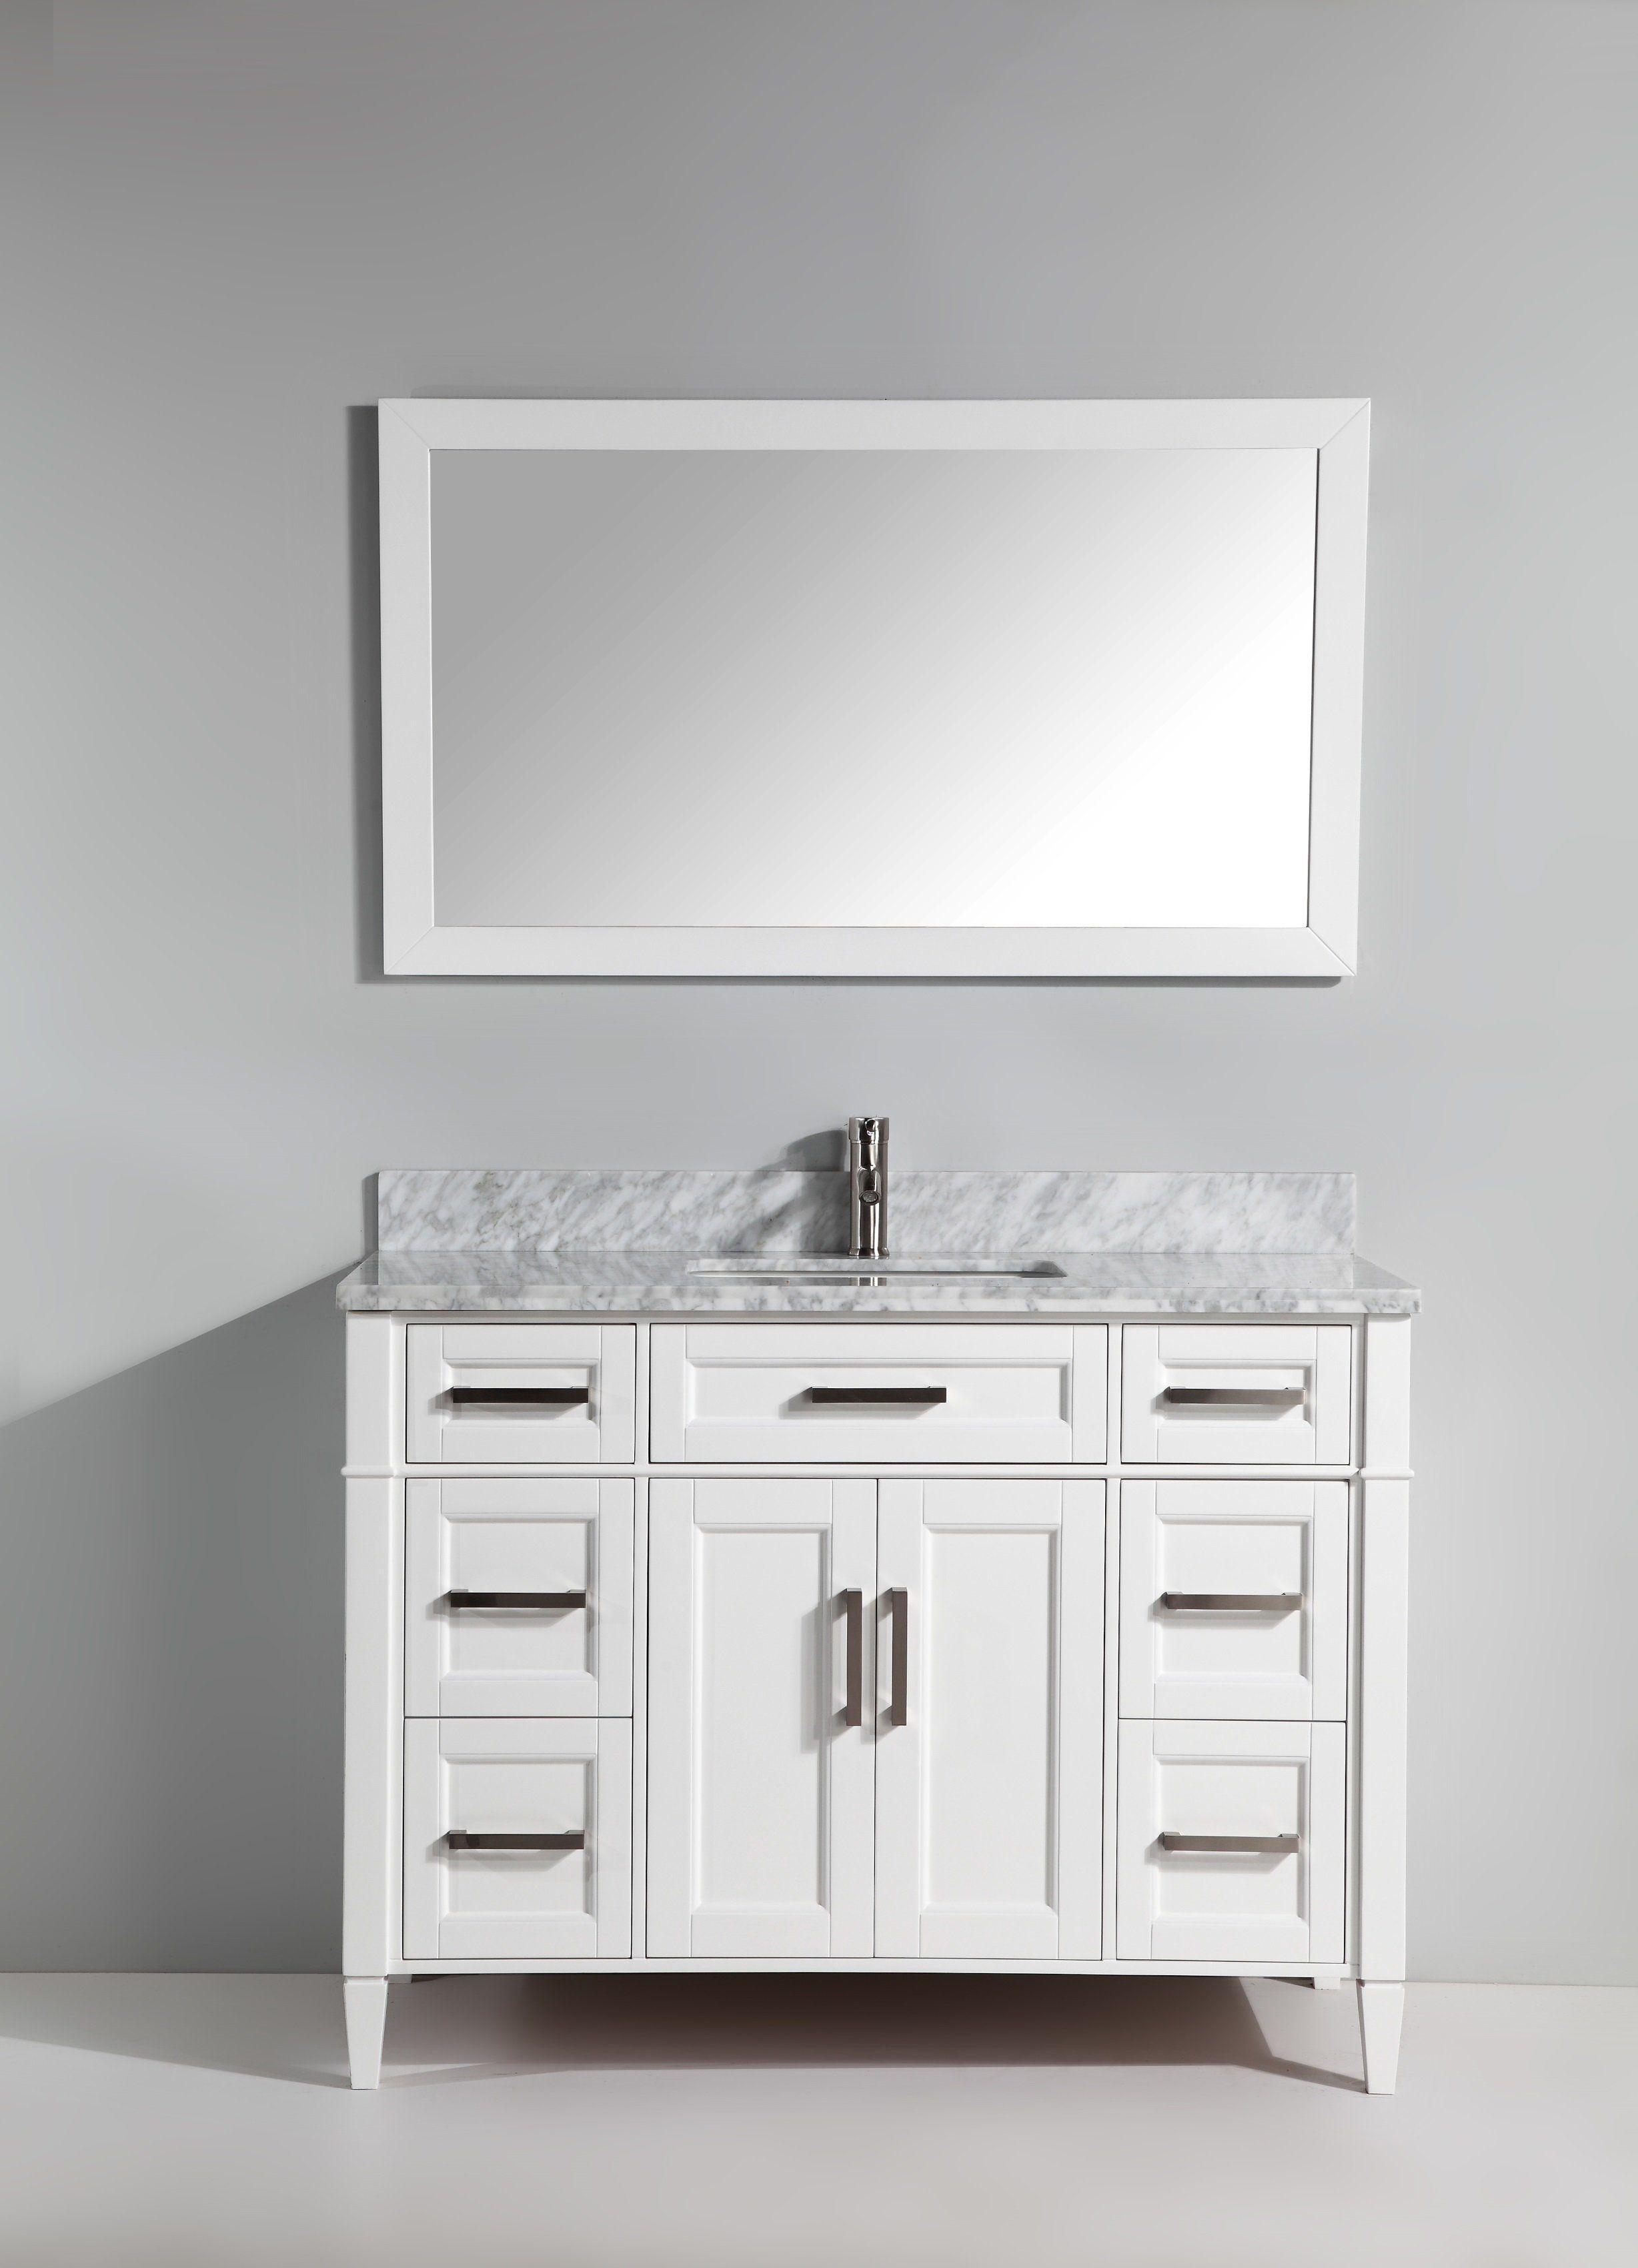 Gracie Oaks Lachine 48 Single Bathroom Vanity Set With Mirror Wayfair Bathroom Vanity Bathroom Sink Vanity 48 Inch Bathroom Vanity